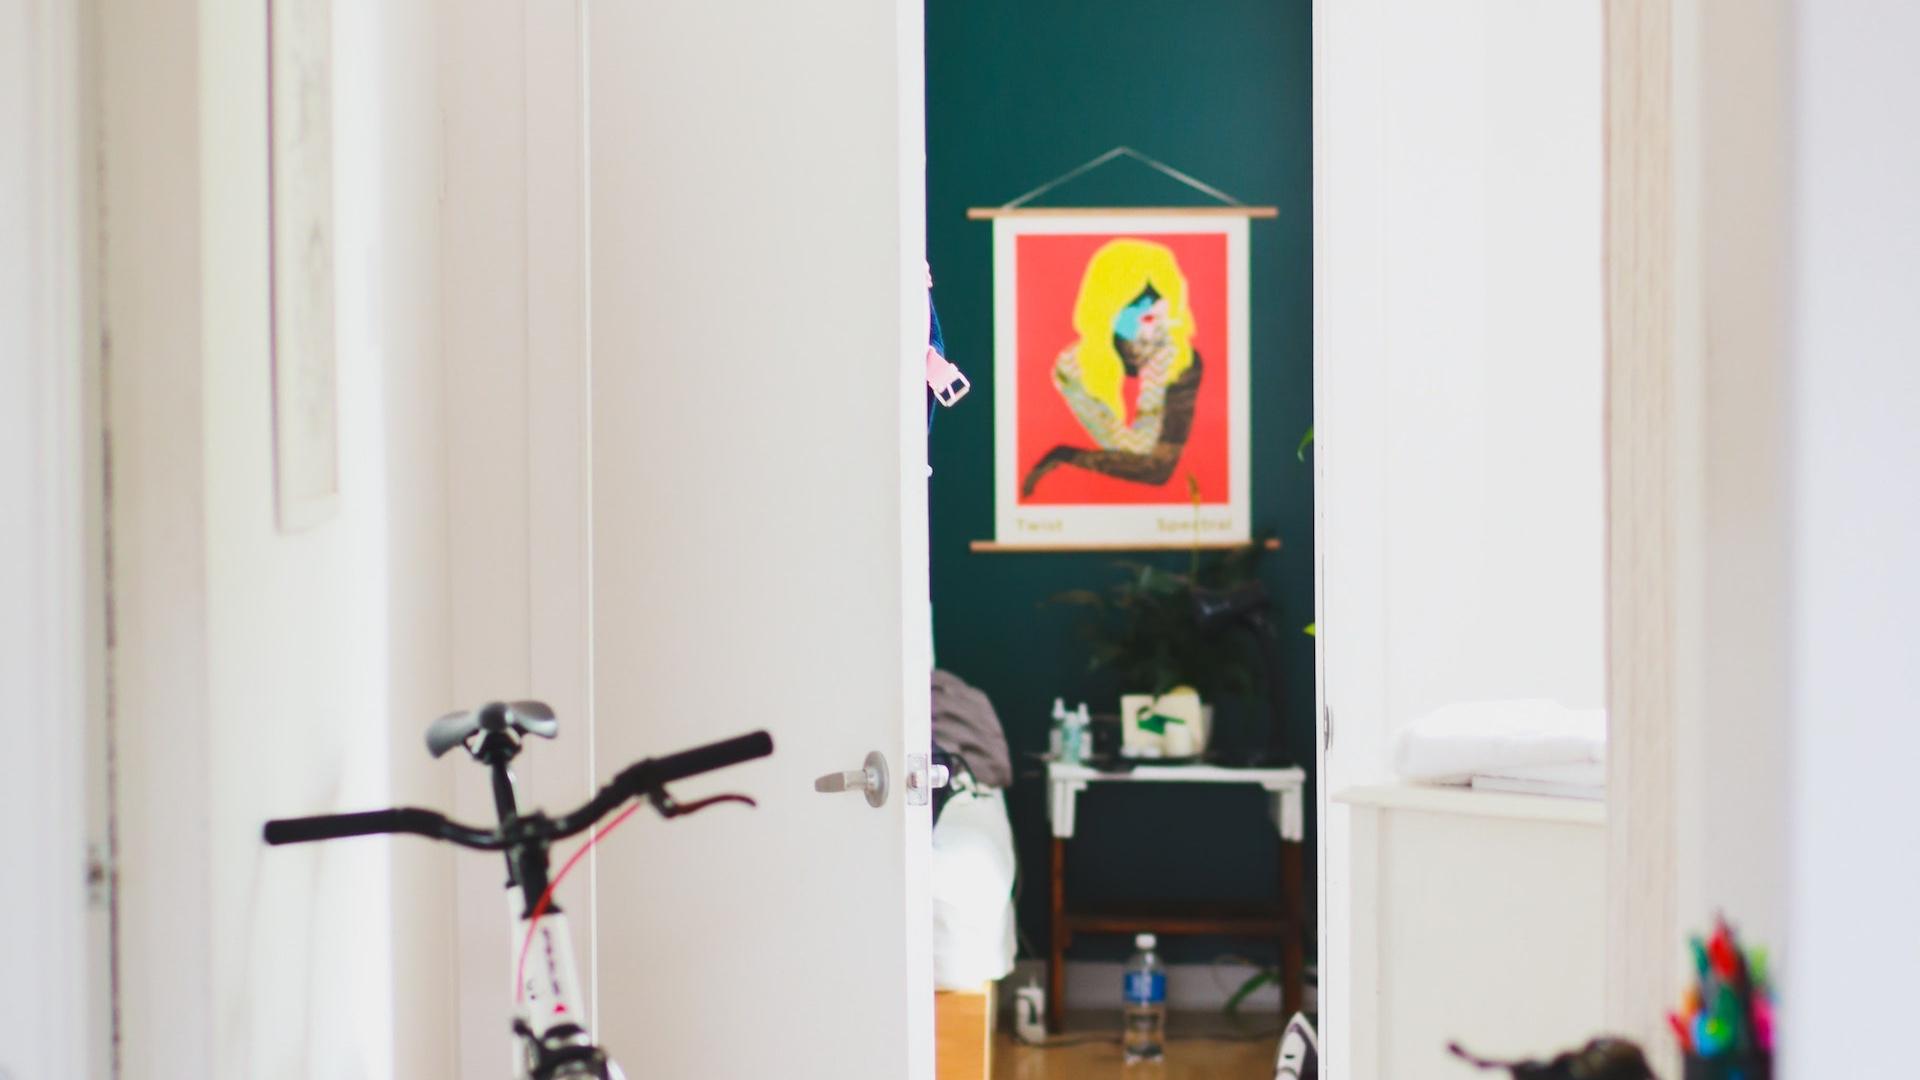 自転車とアートのある部屋の無料バーチャル背景素材